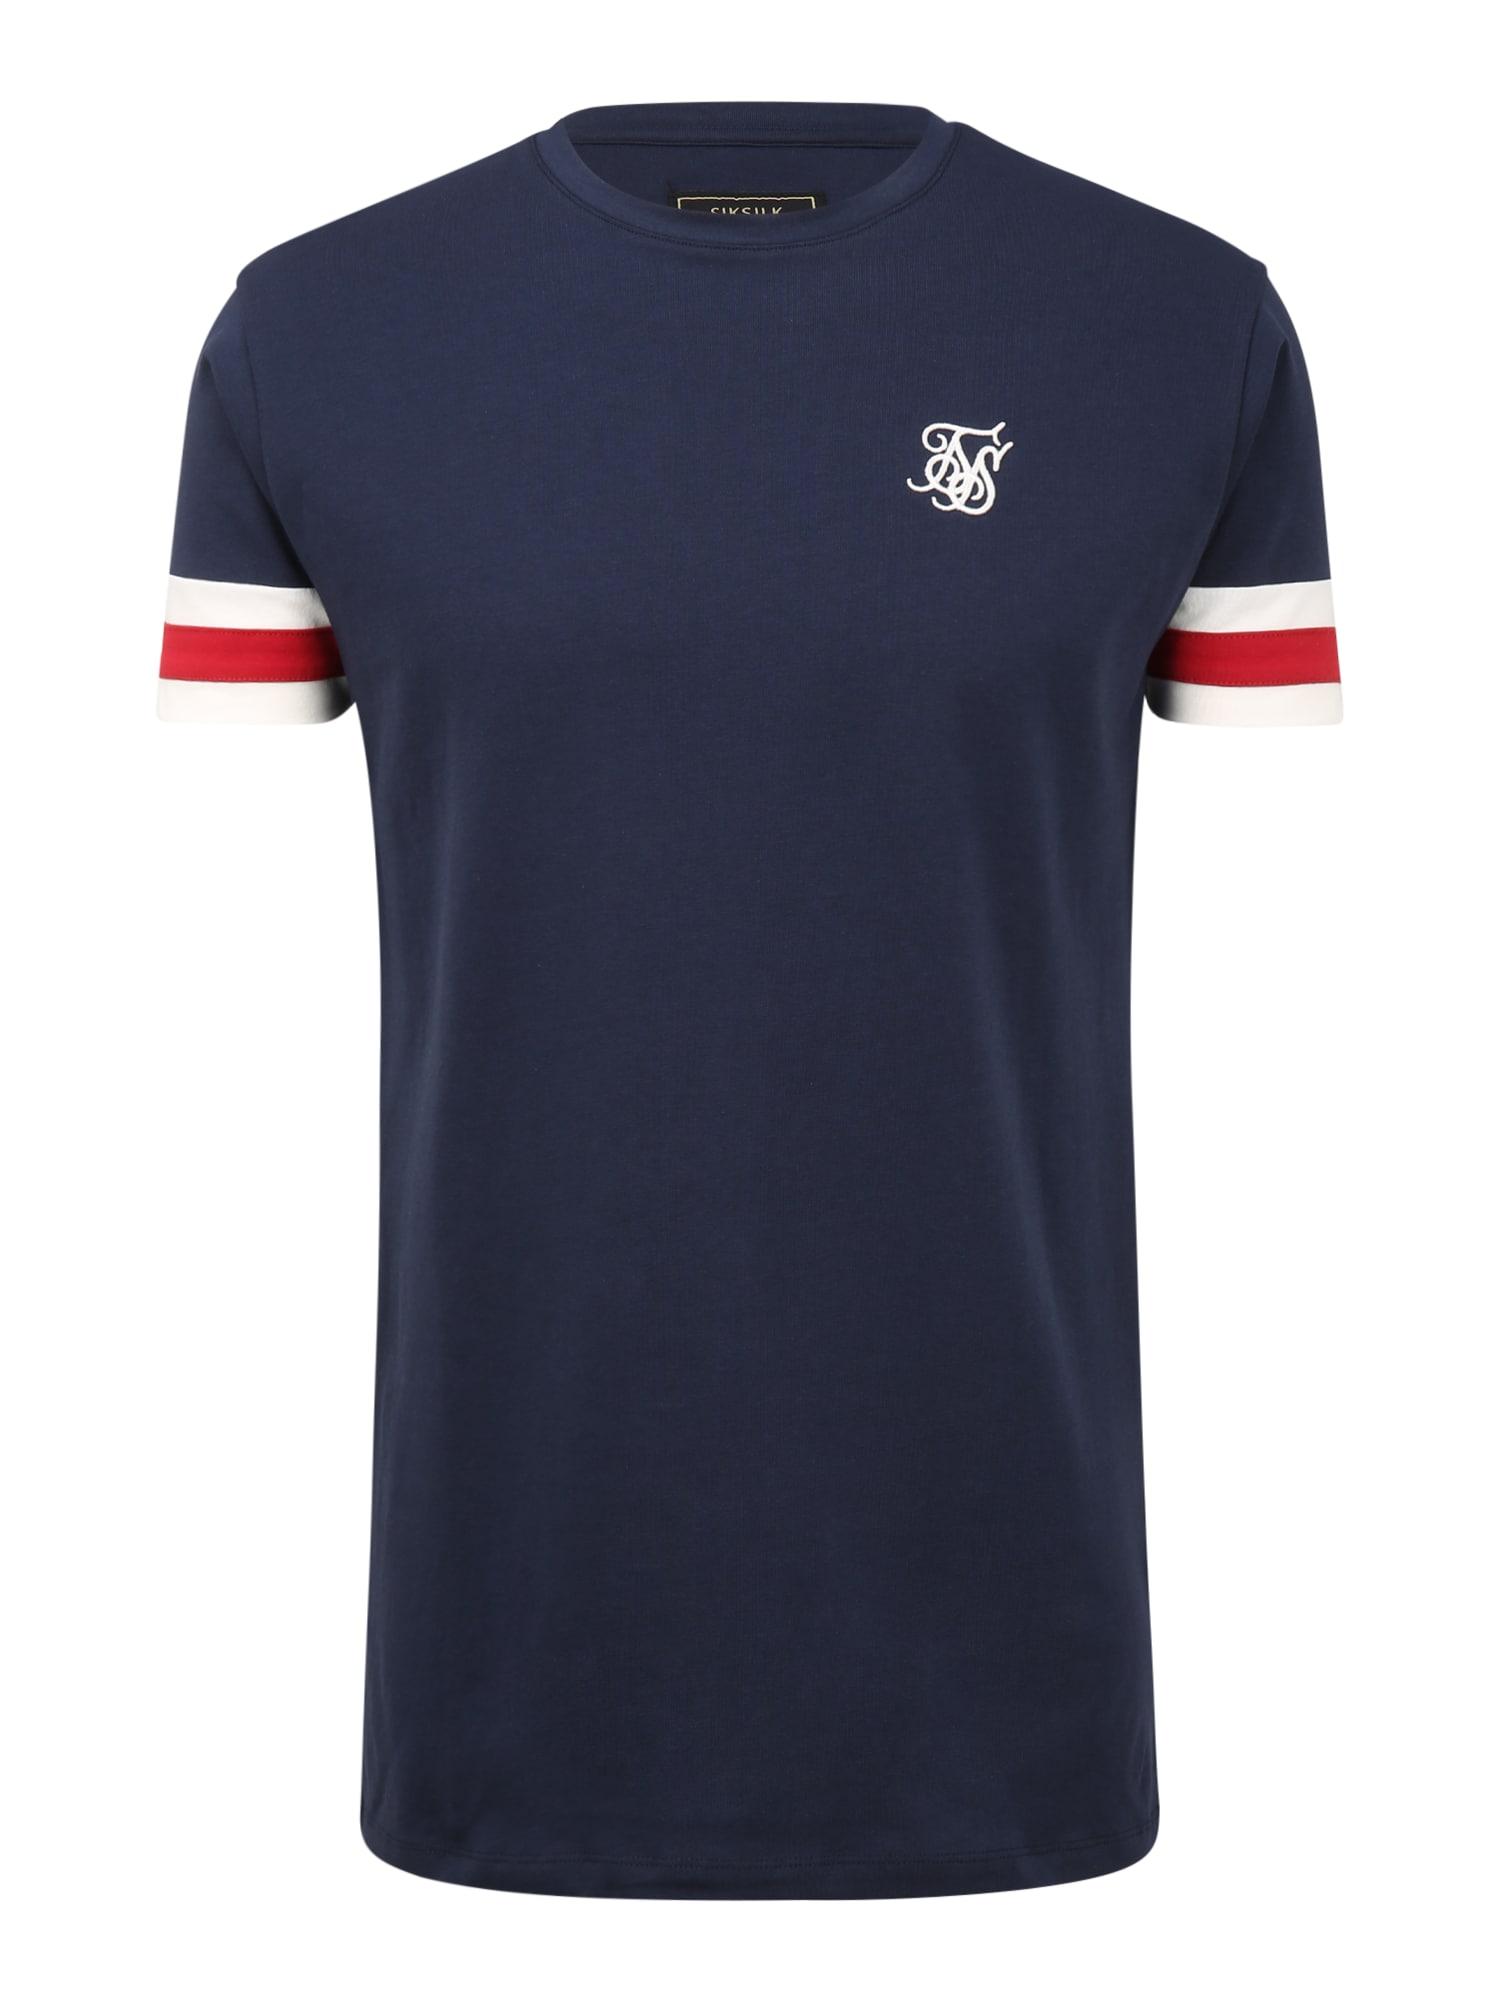 SikSilk Marškinėliai balkšva / raudona / tamsiai mėlyna